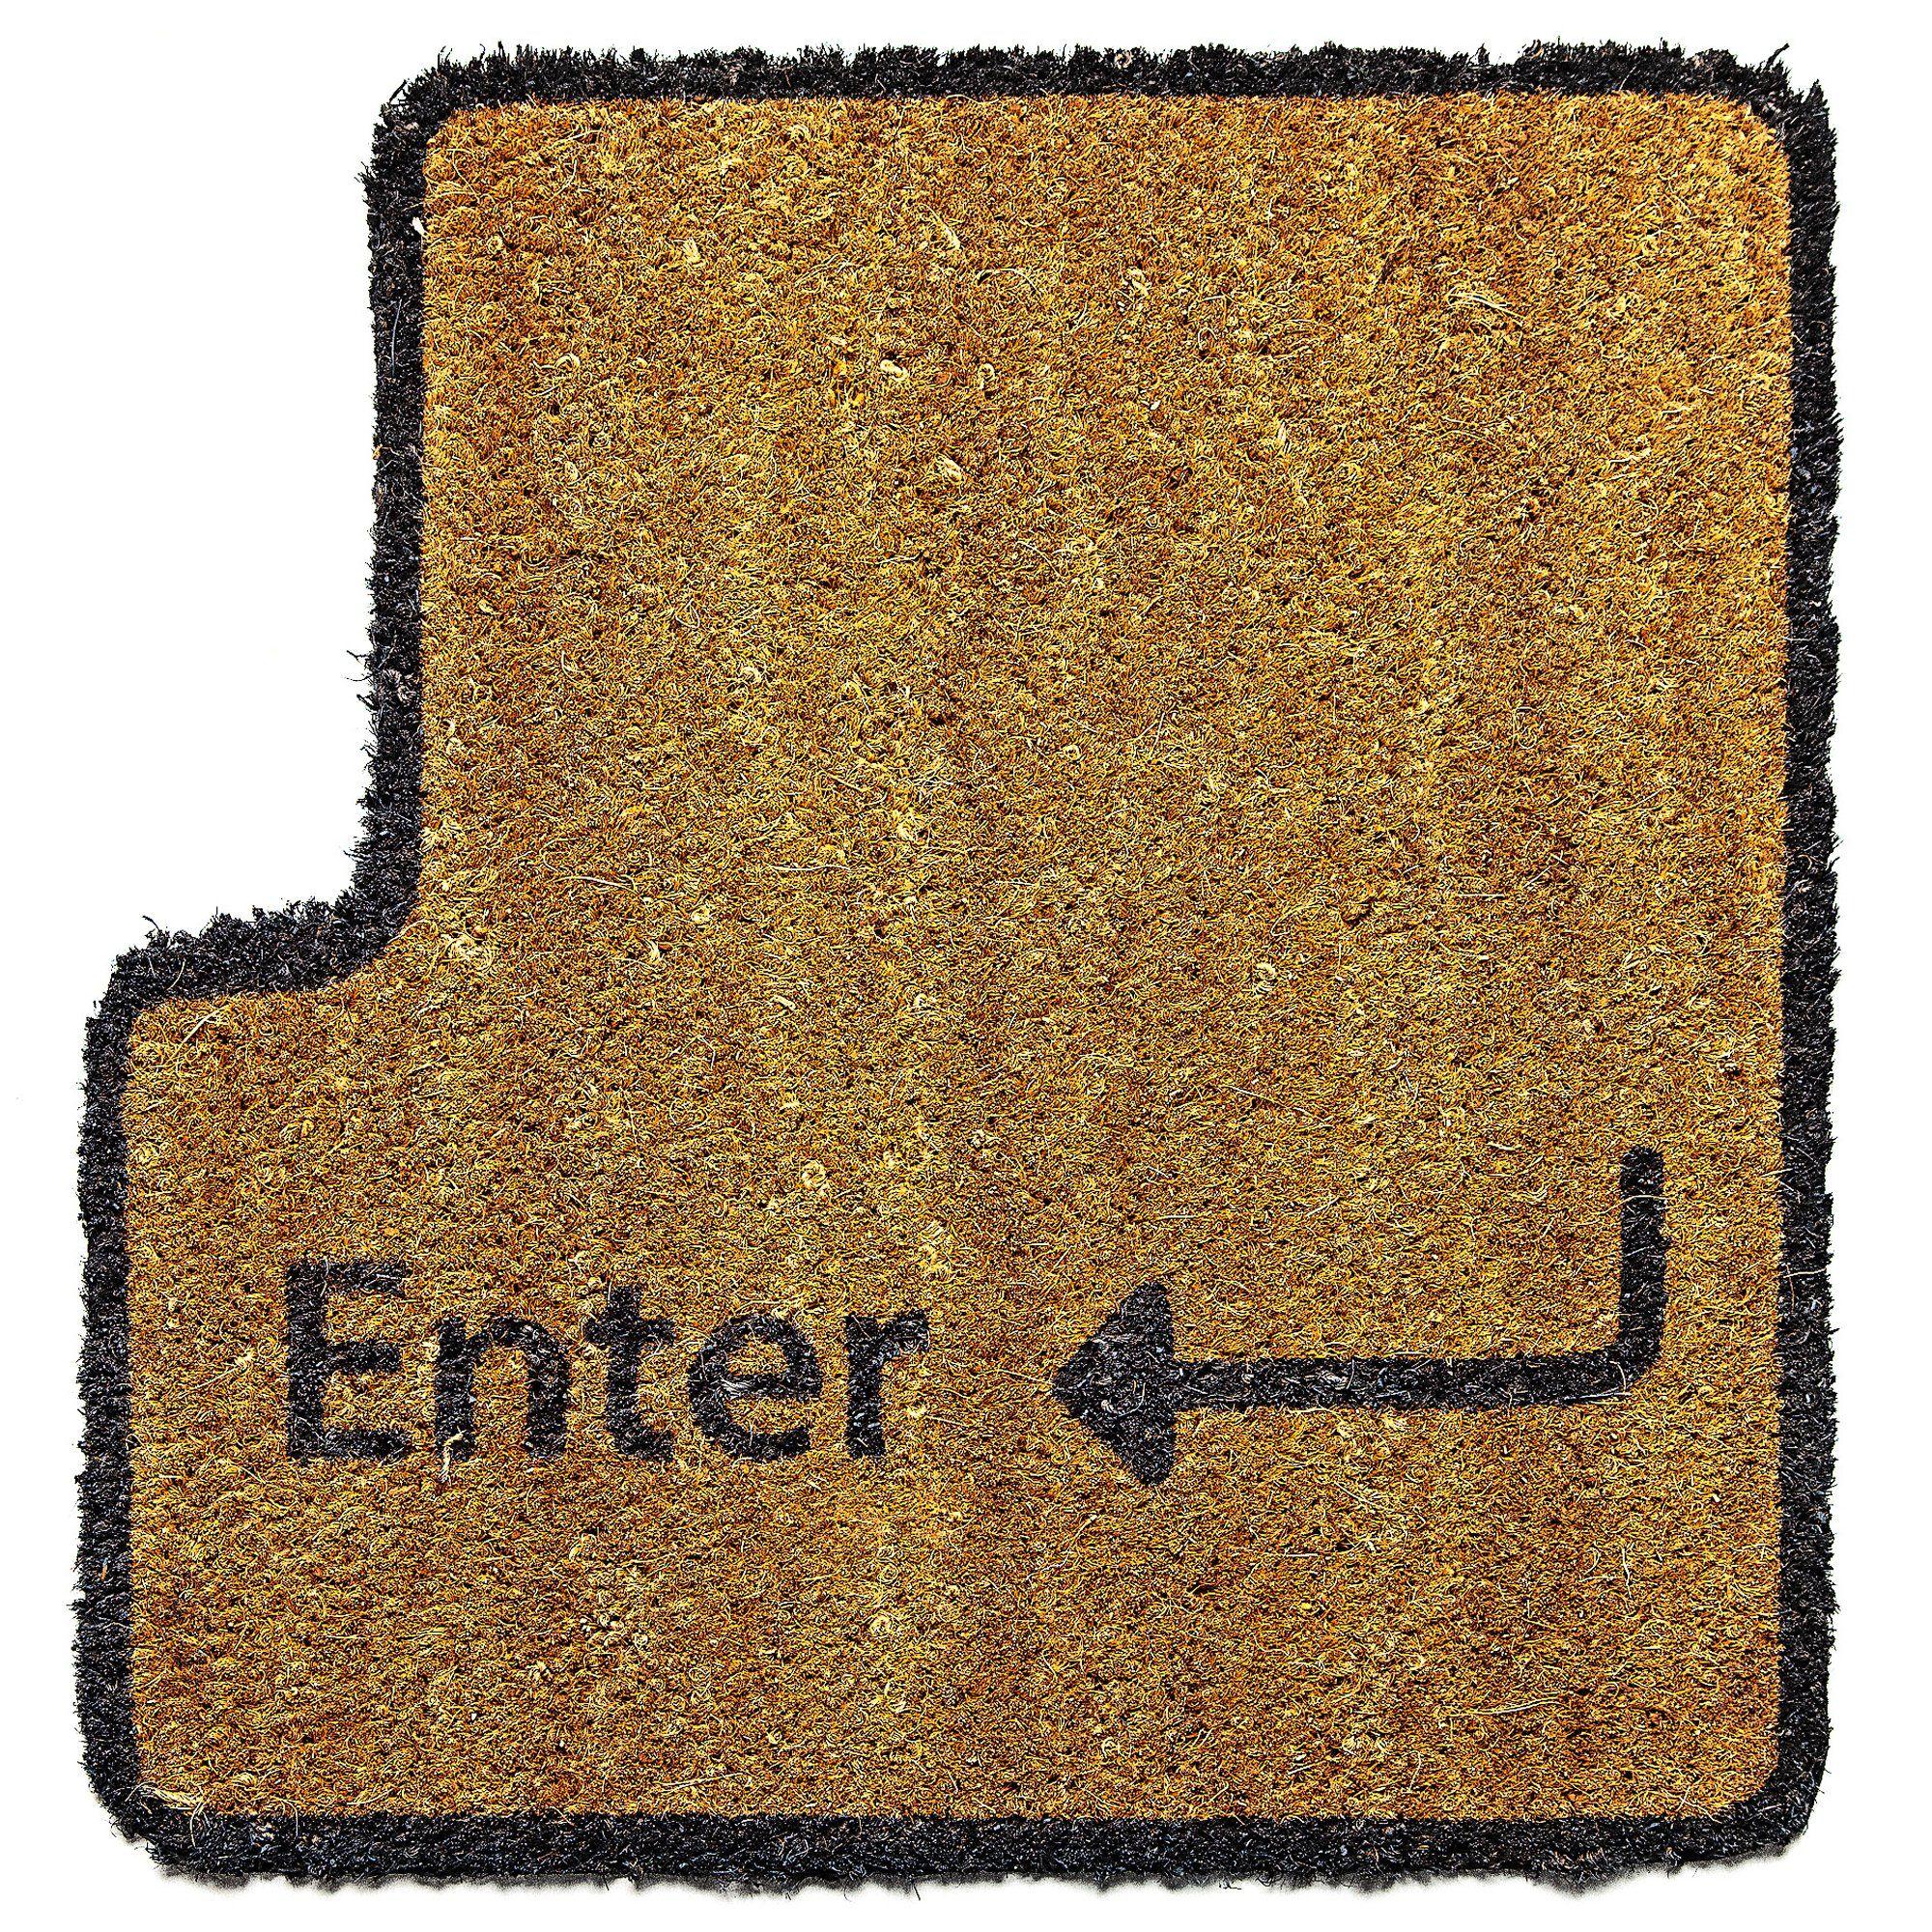 paillasson touche enter (entrée): amazon.fr: jardin | paillasson